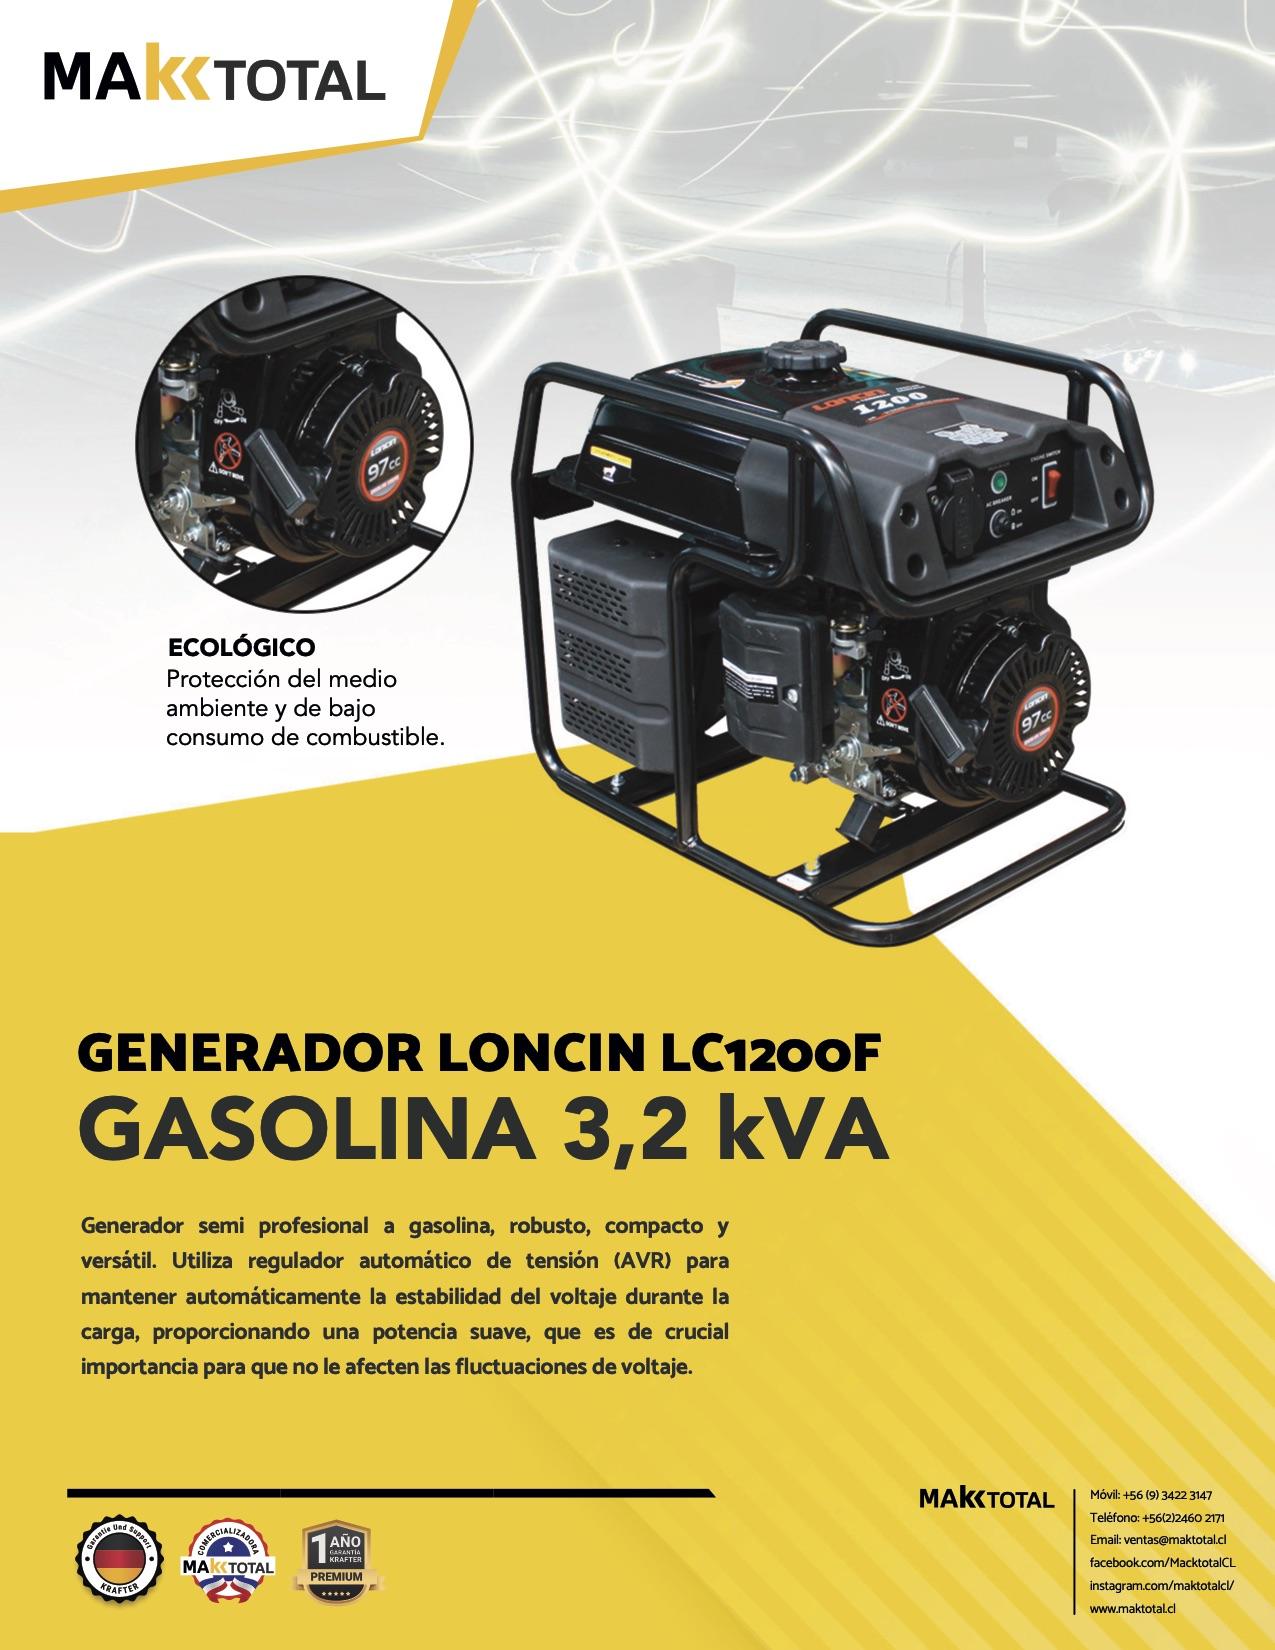 Generador Loncin LC1200F